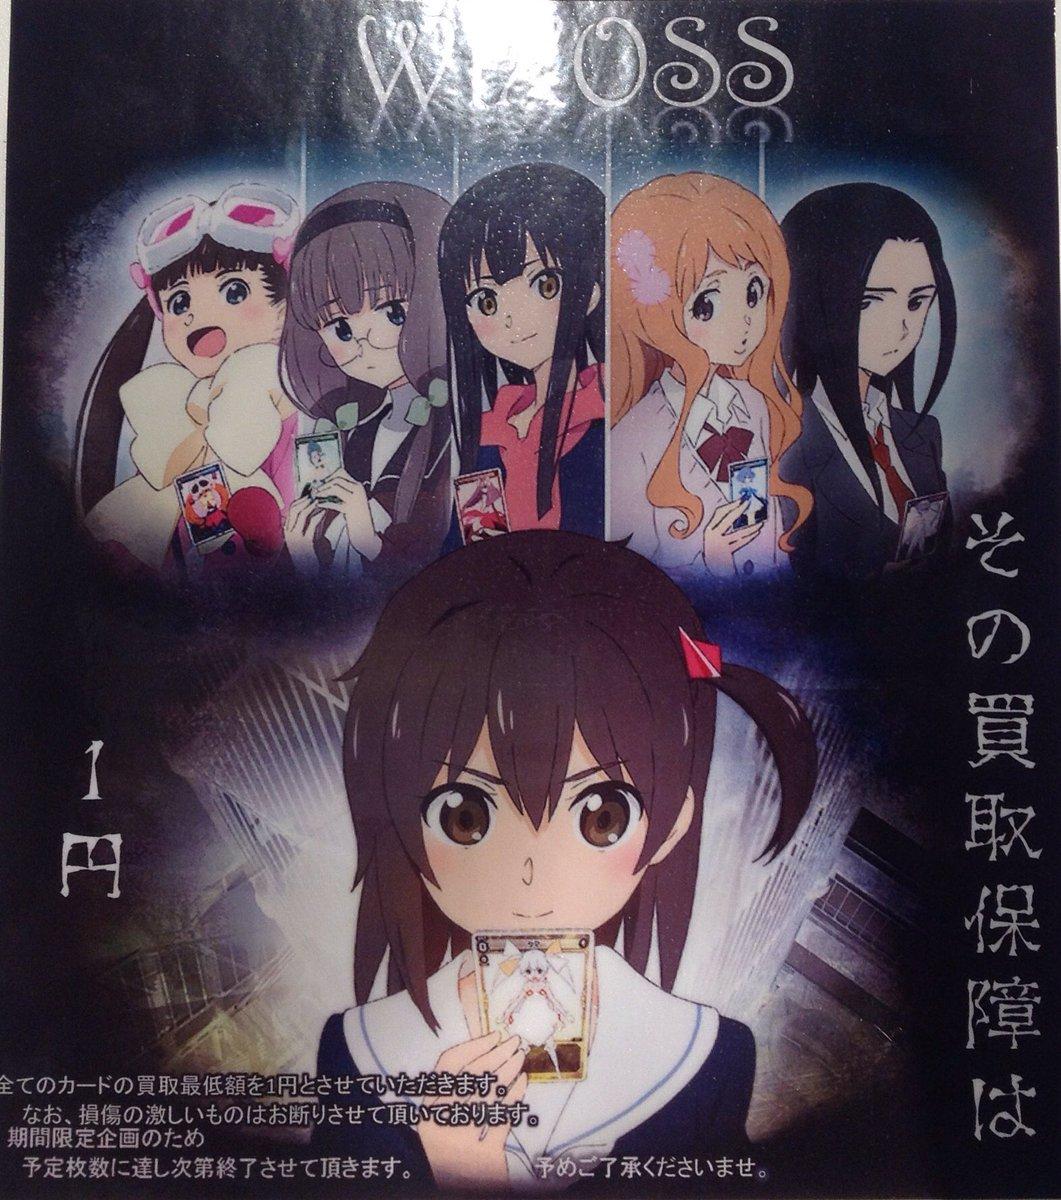 ウィクロス、最低1円買取を開始致します!セレクターの皆様、たくさんお持ちくださいませ〜!!!予定枚数に達し次第終了致しま